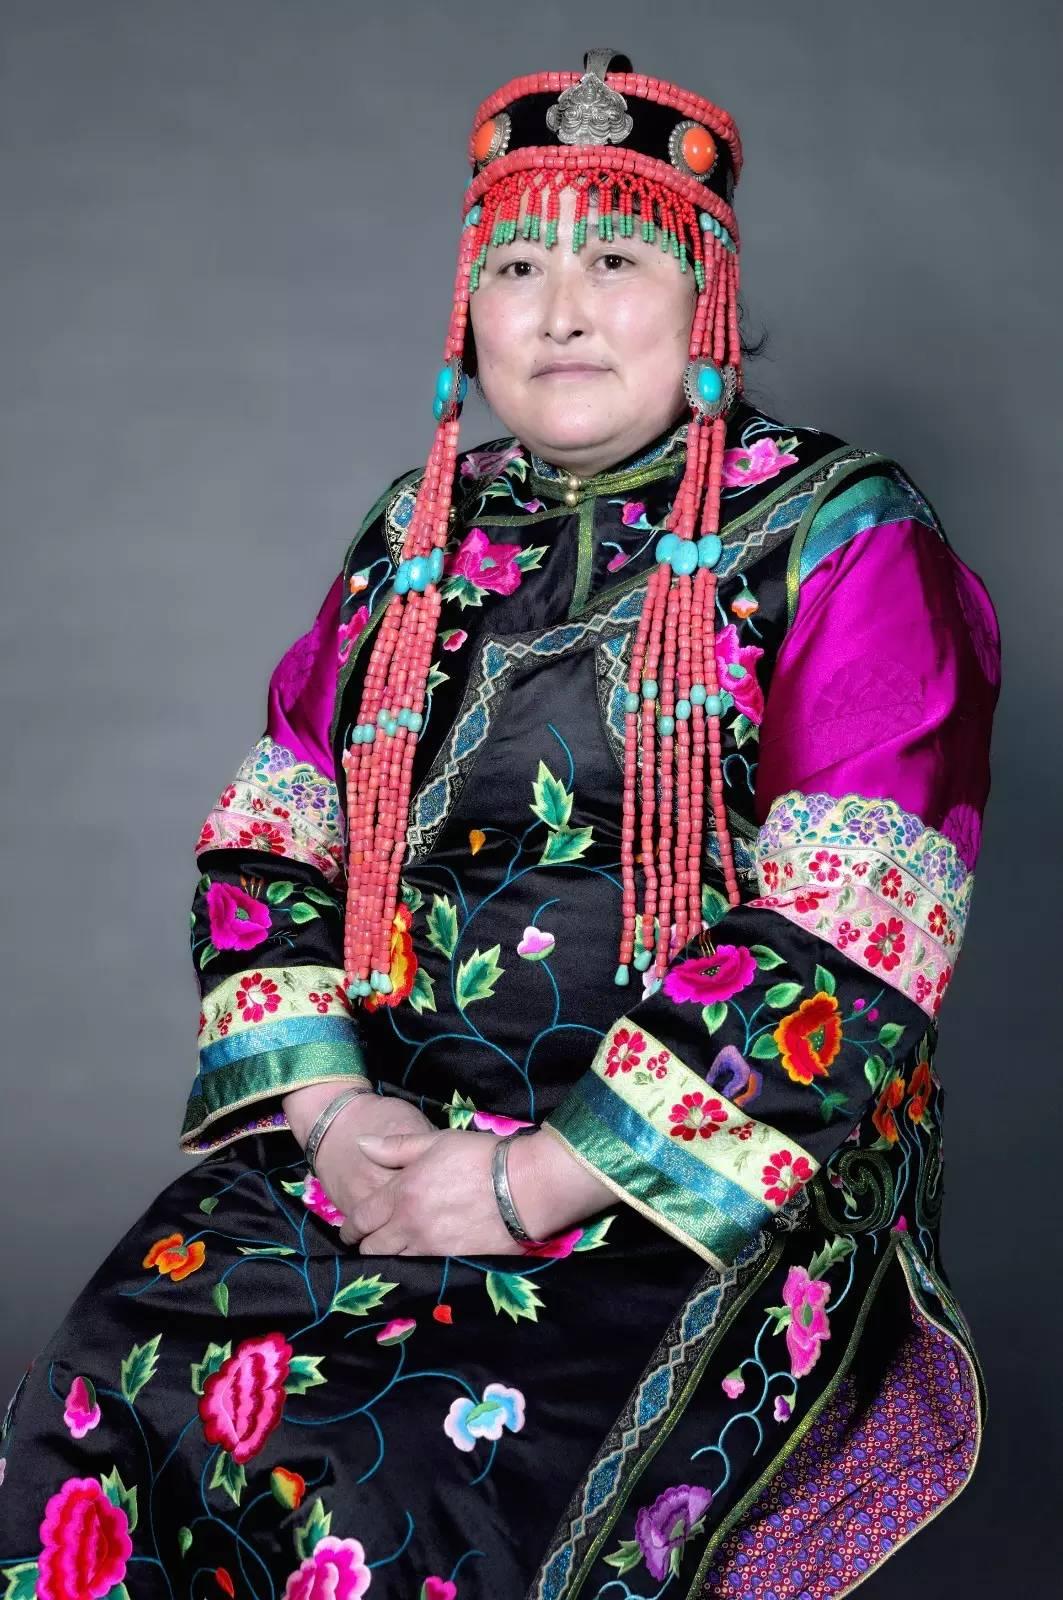 蒙古族刺绣非遗传承人——萨义玛 第1张 蒙古族刺绣非遗传承人——萨义玛 蒙古工艺